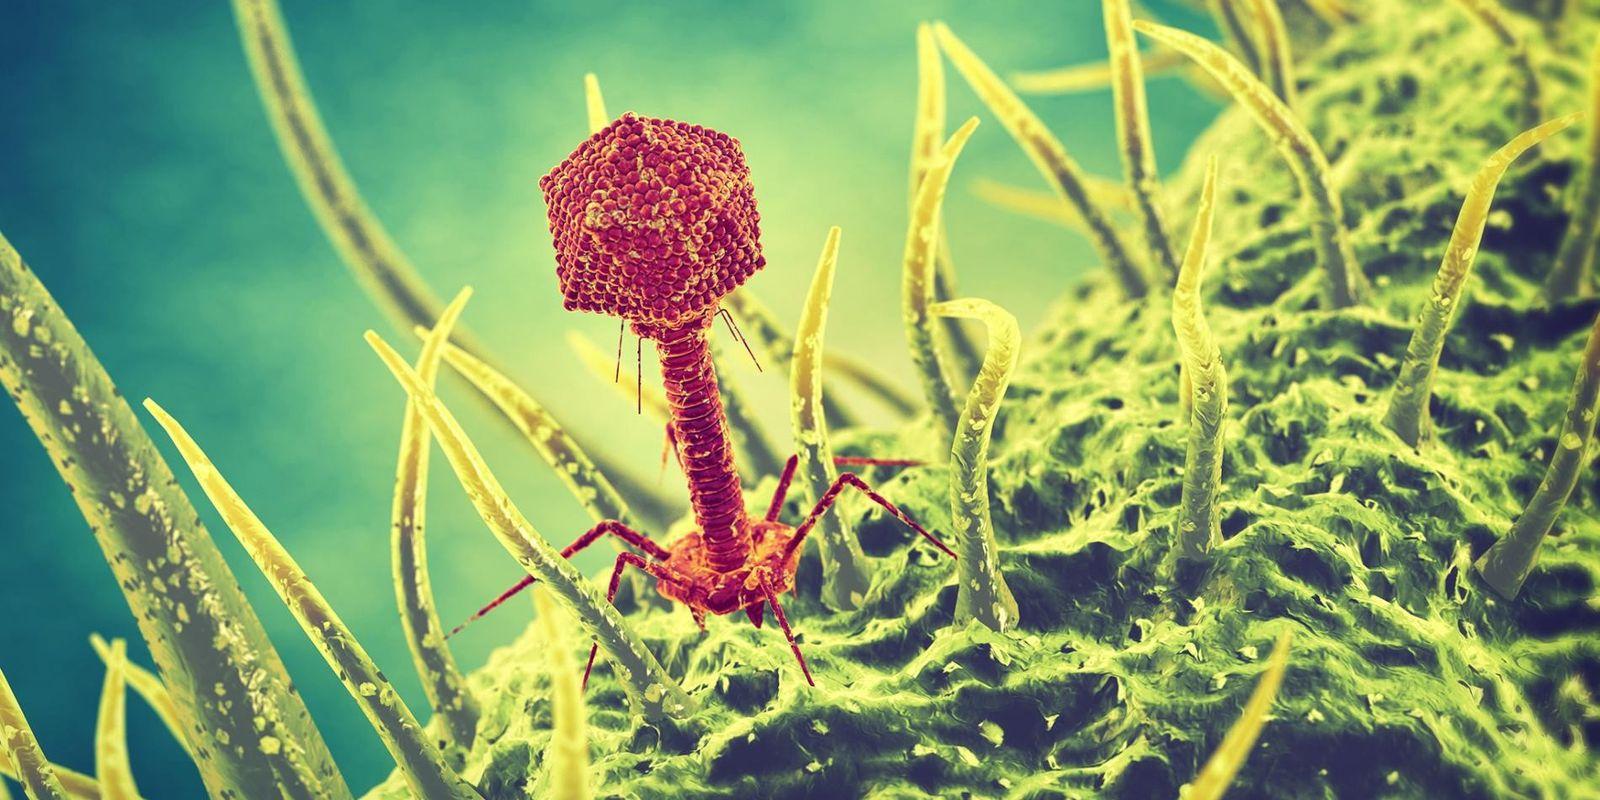 Erklärt: Wie funktionieren Viren?